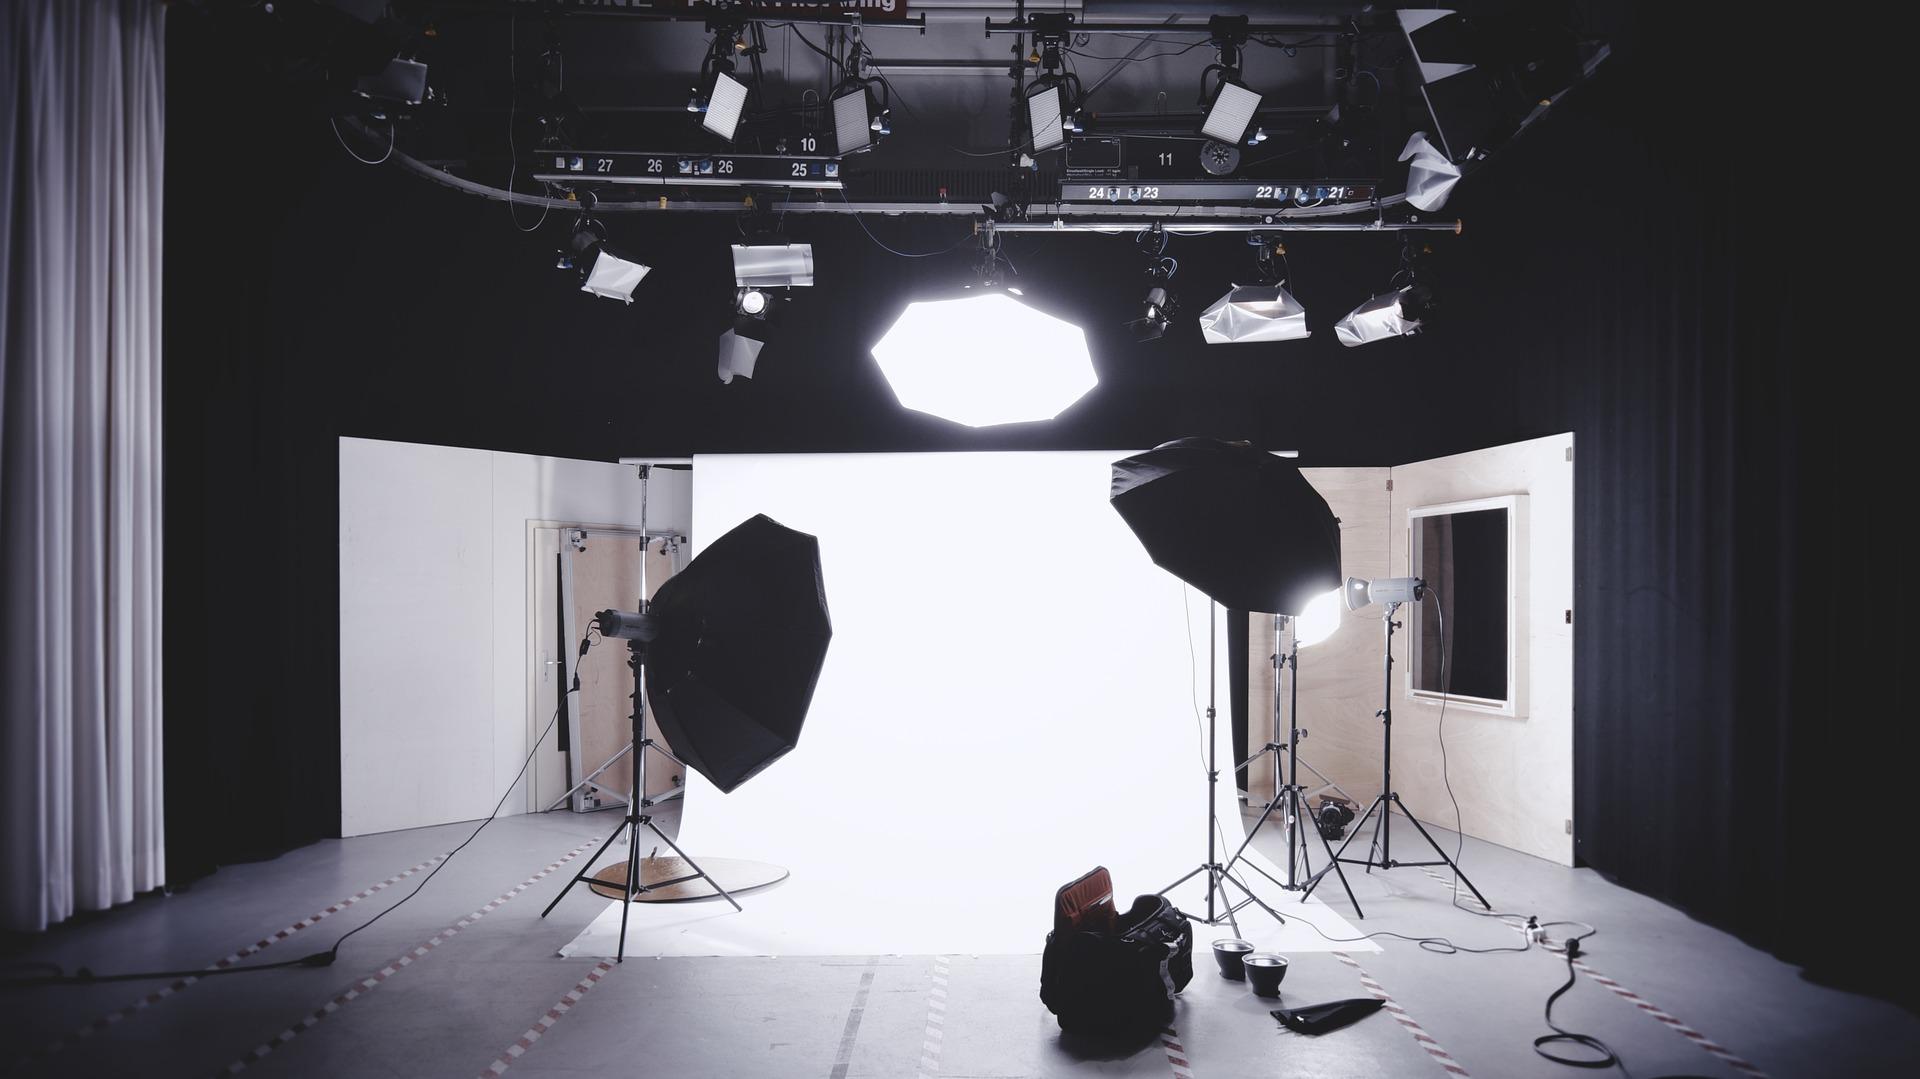 Photographe professionnel : faites de votre passion un job !